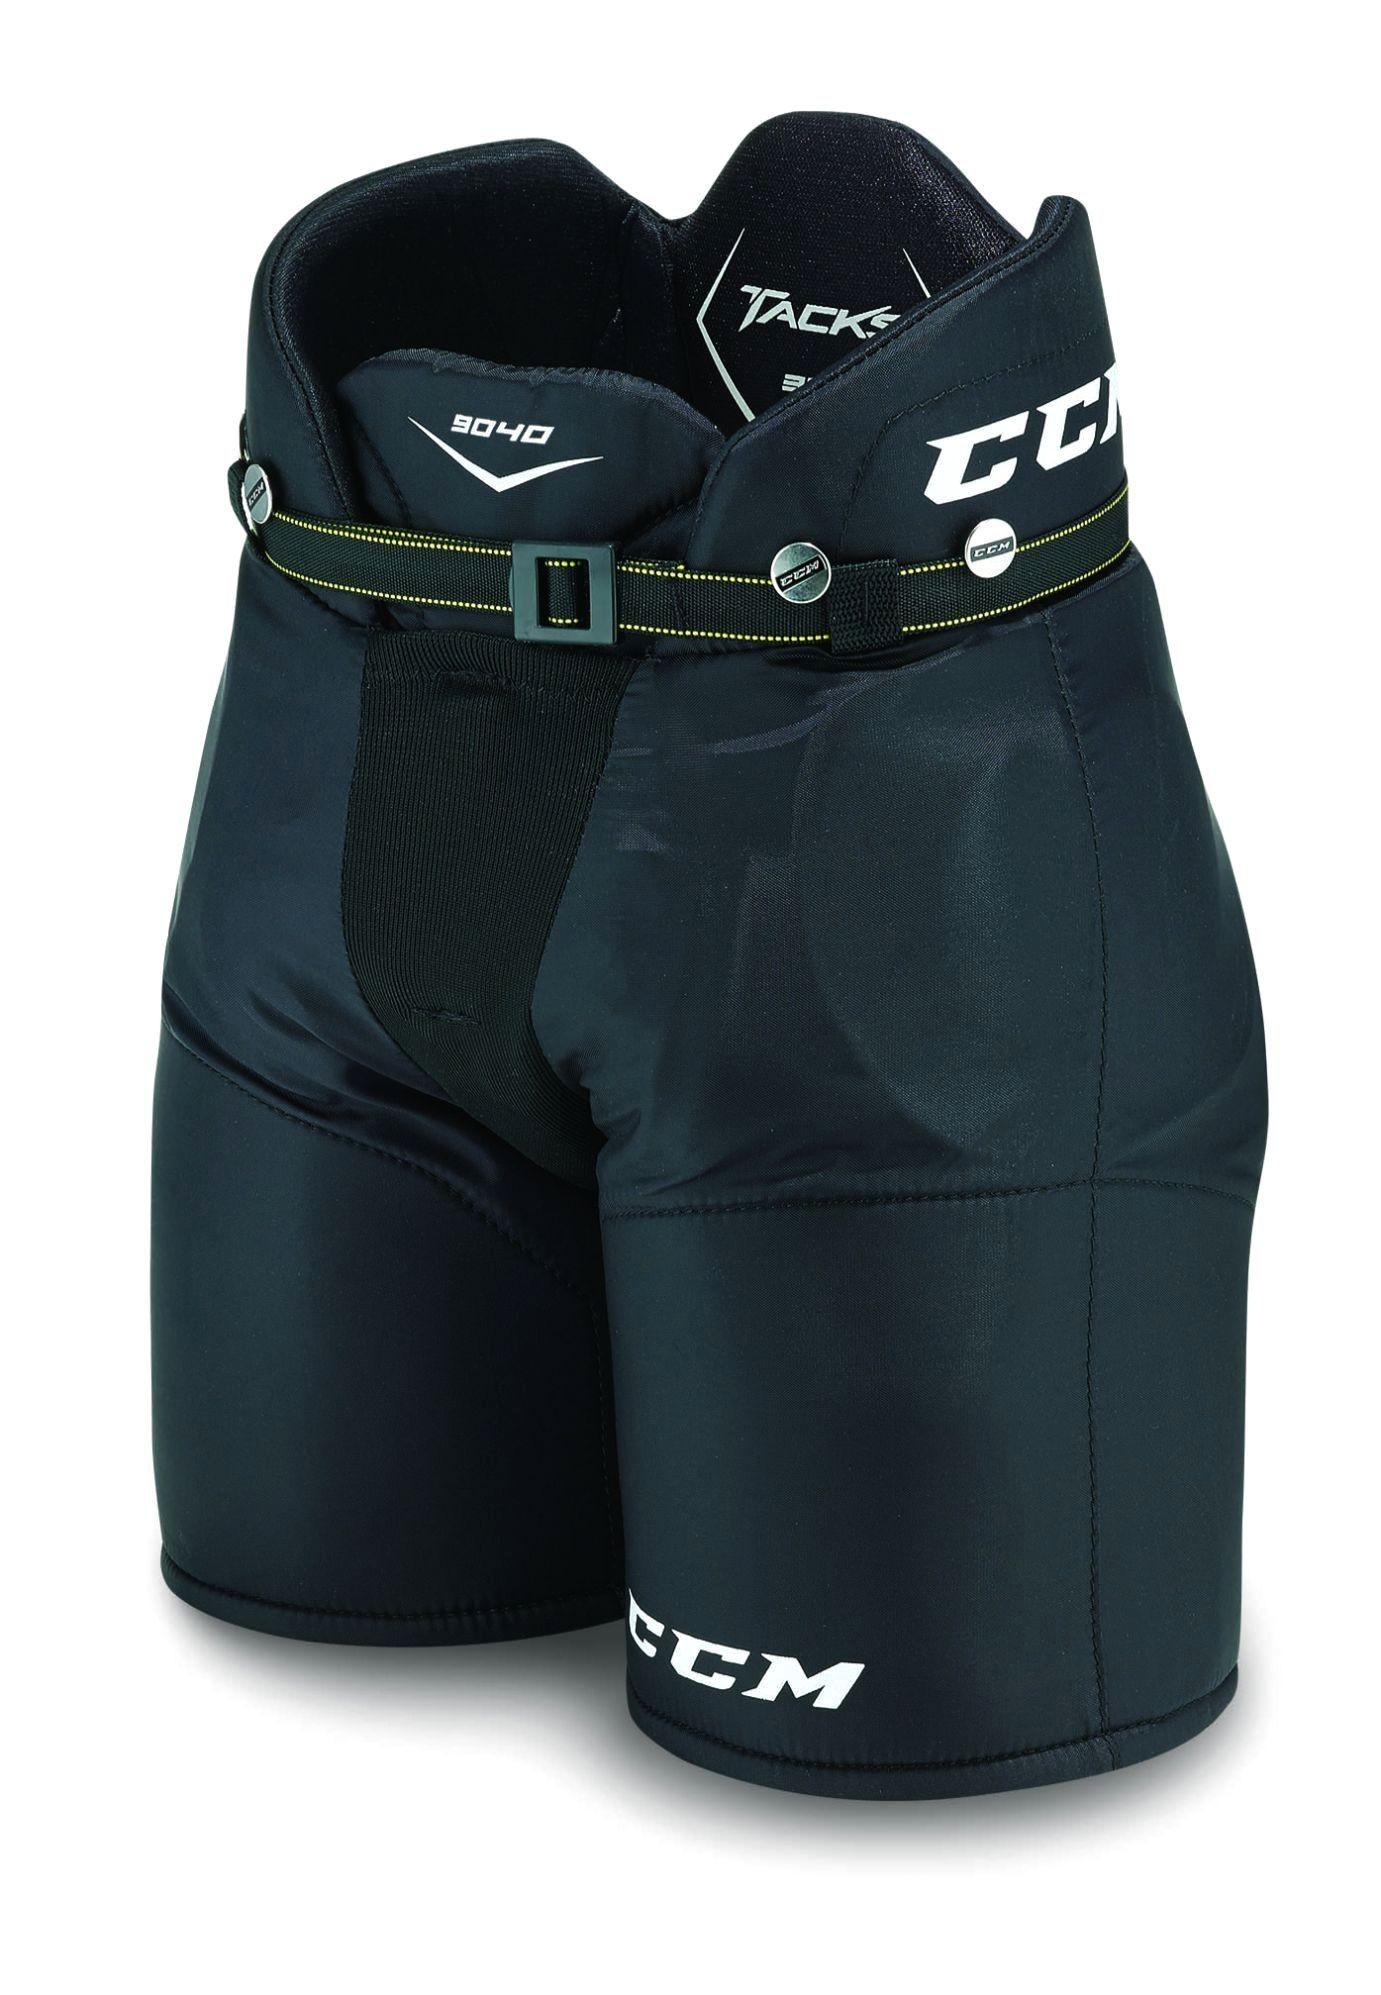 CCM Tacks 9040 Youth Ice Hockey Pants